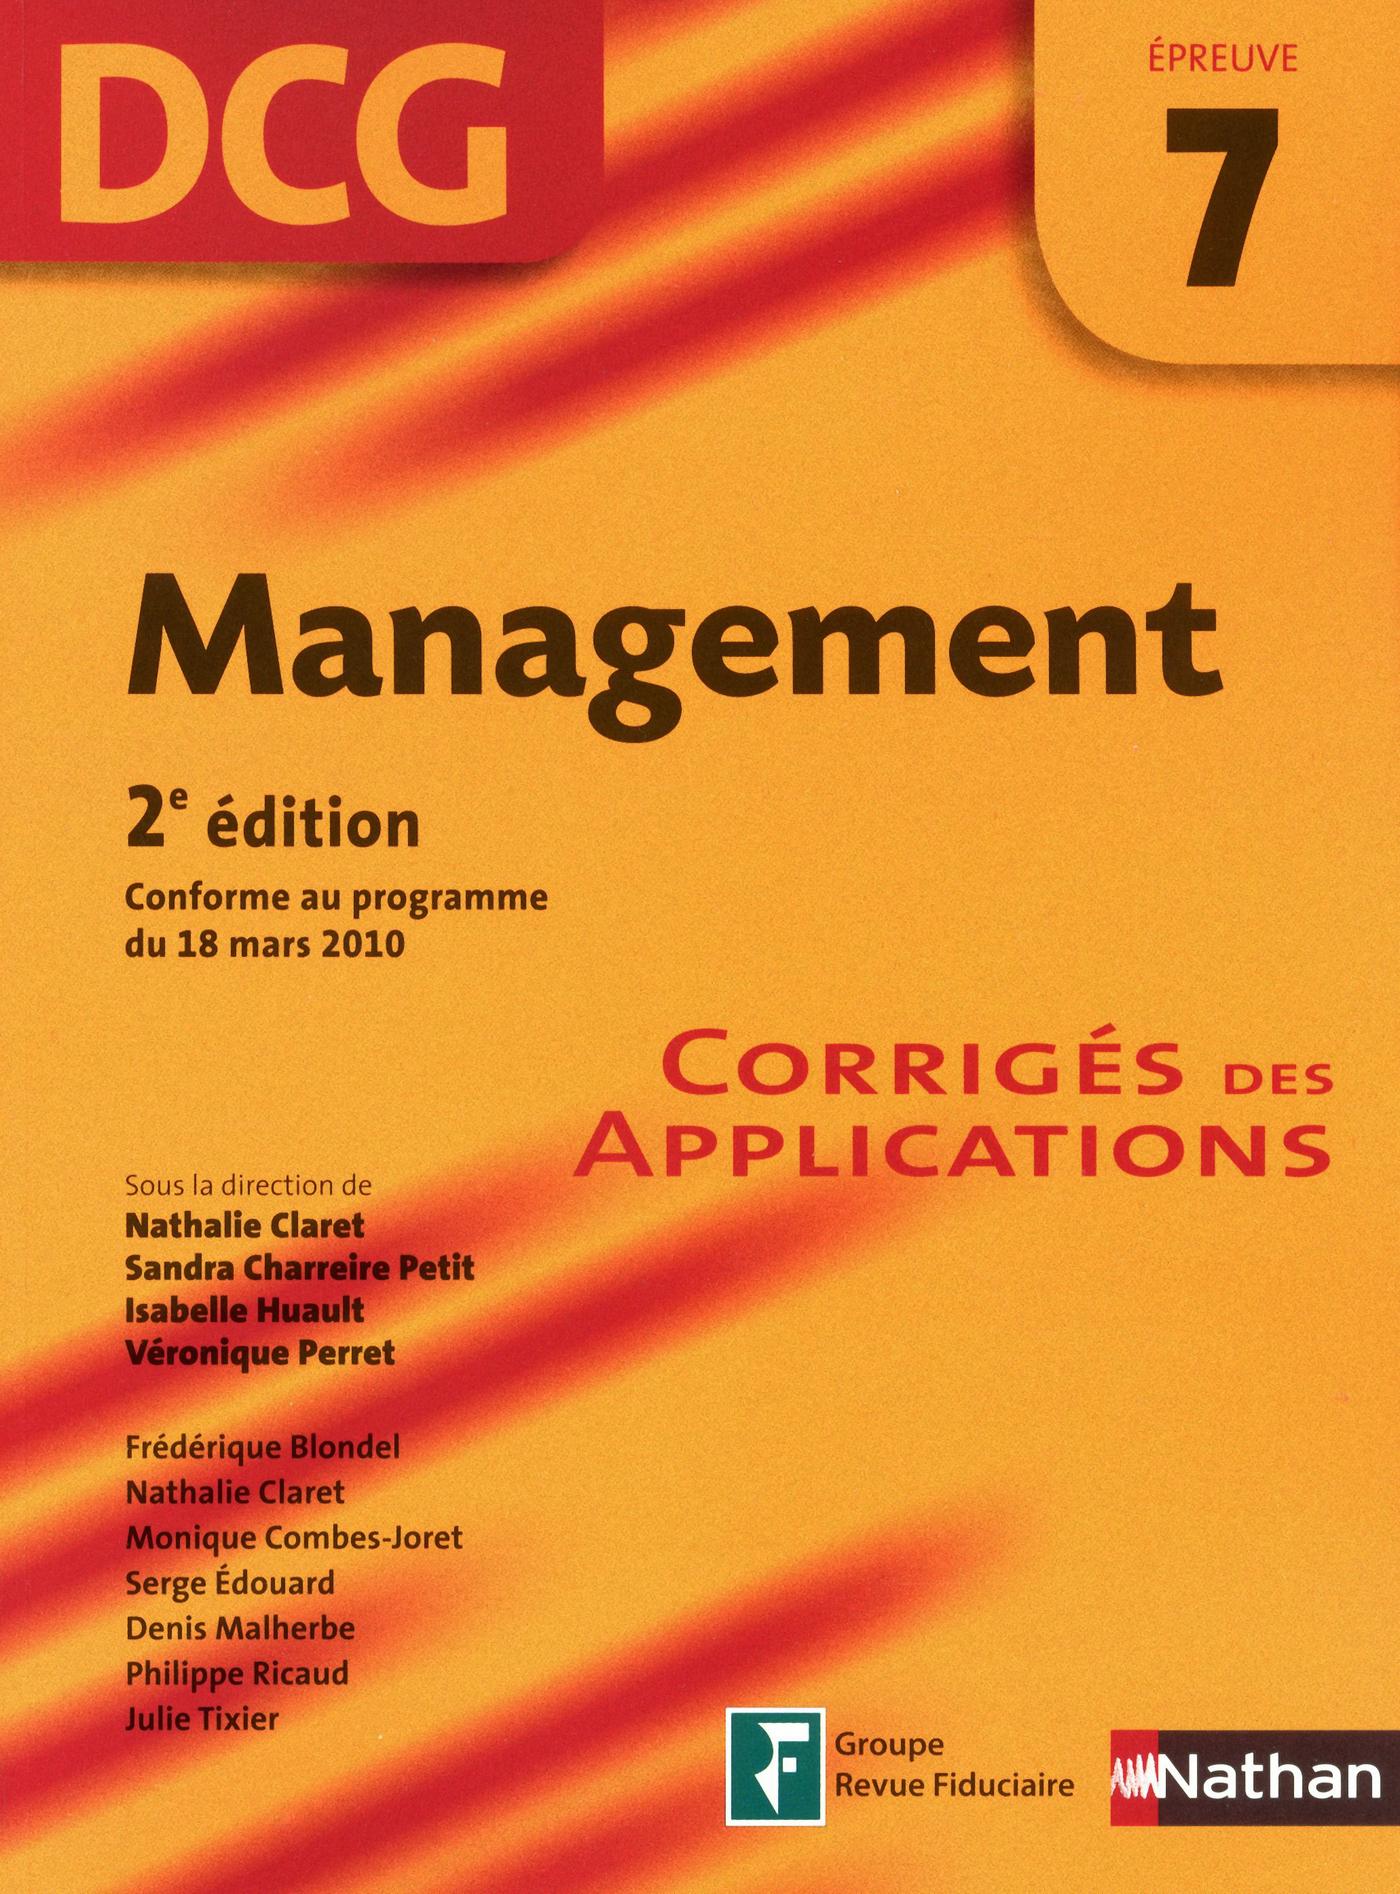 Management - épreuve 7 - DCG corrigés (ebook)